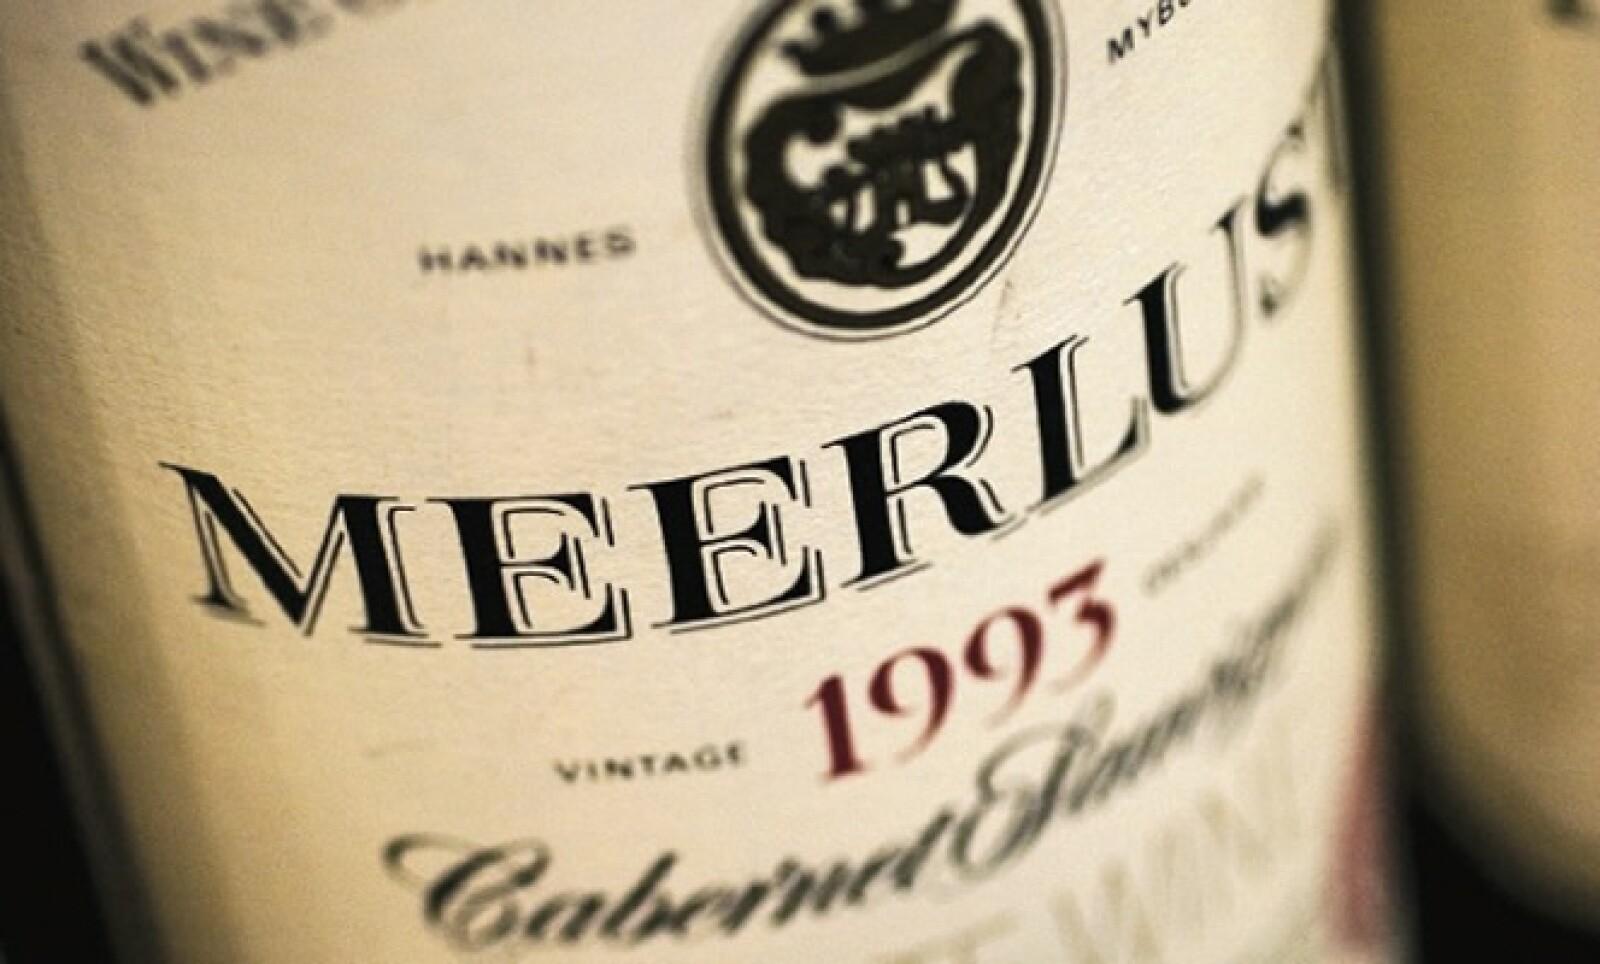 Sudáfrica es un país que se caracteriza por producir vino. La combinación del sabor local con comidas de otros países la hacen única en ese continente.